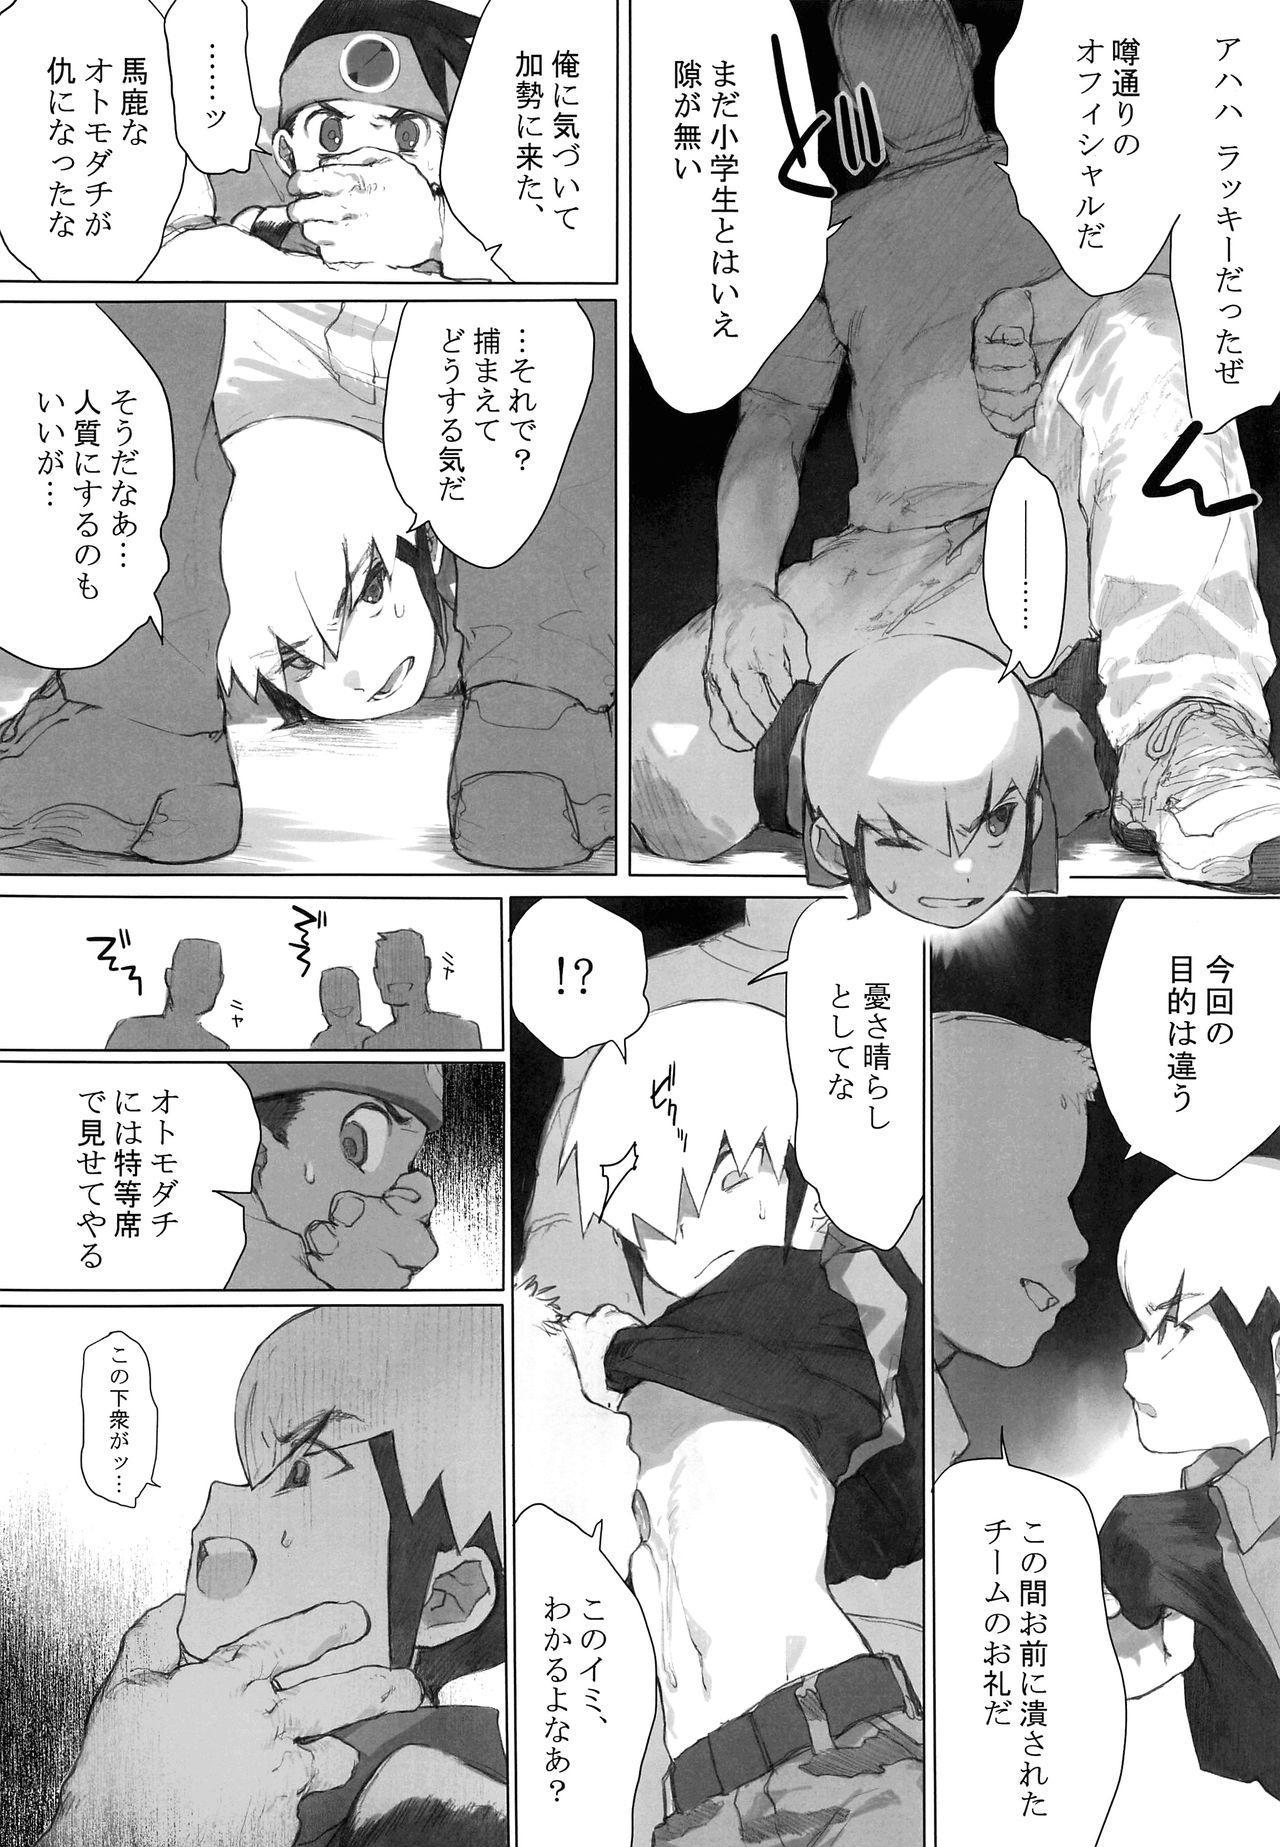 Netsu + Honoo Mobure Bon 6